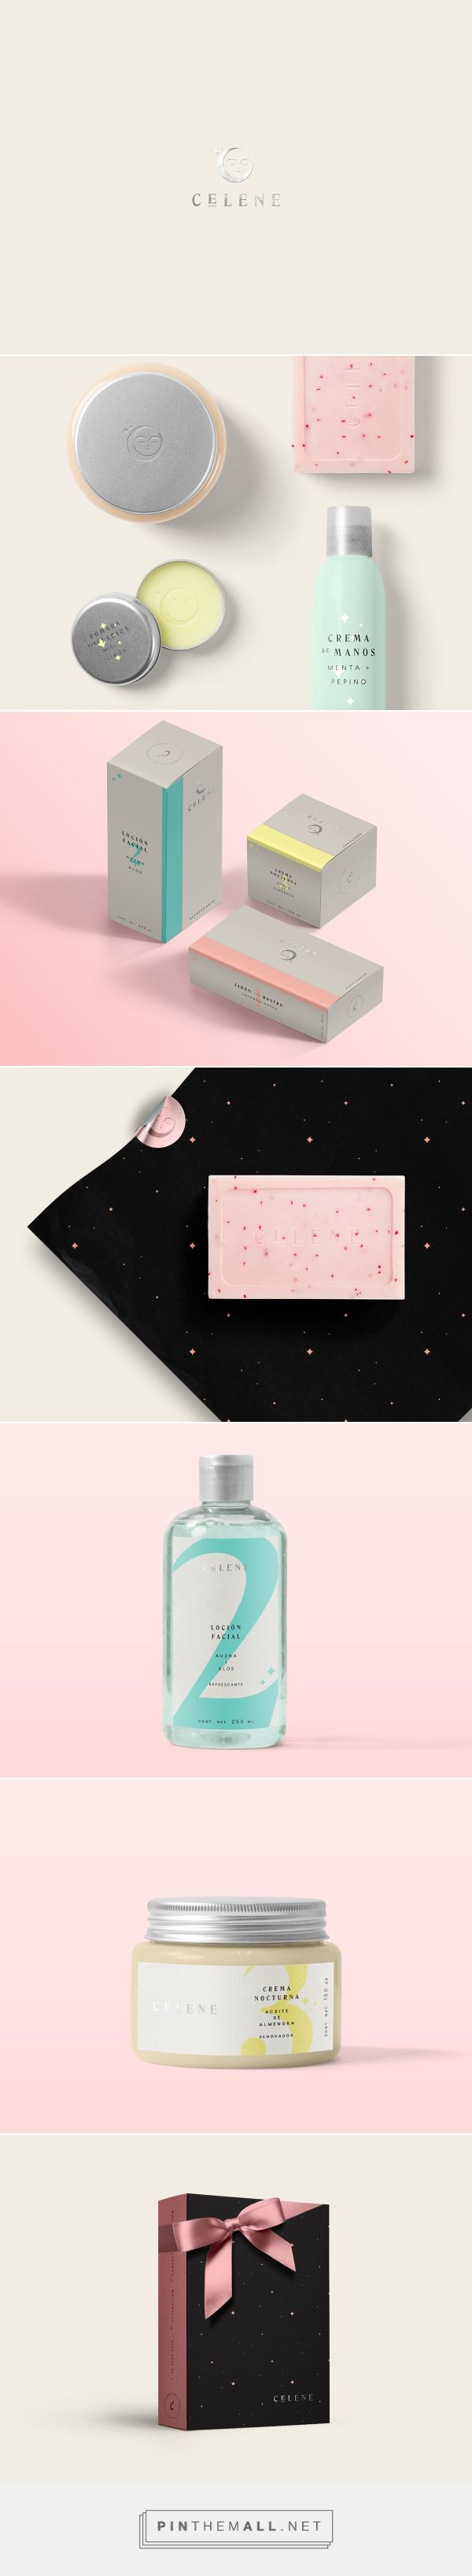 Célene packaging branding on Packaging Design Served curated by Packaging Diva PD. Célene es una marca de productos mexicanos con ingredientes y procesos naturales de producción.